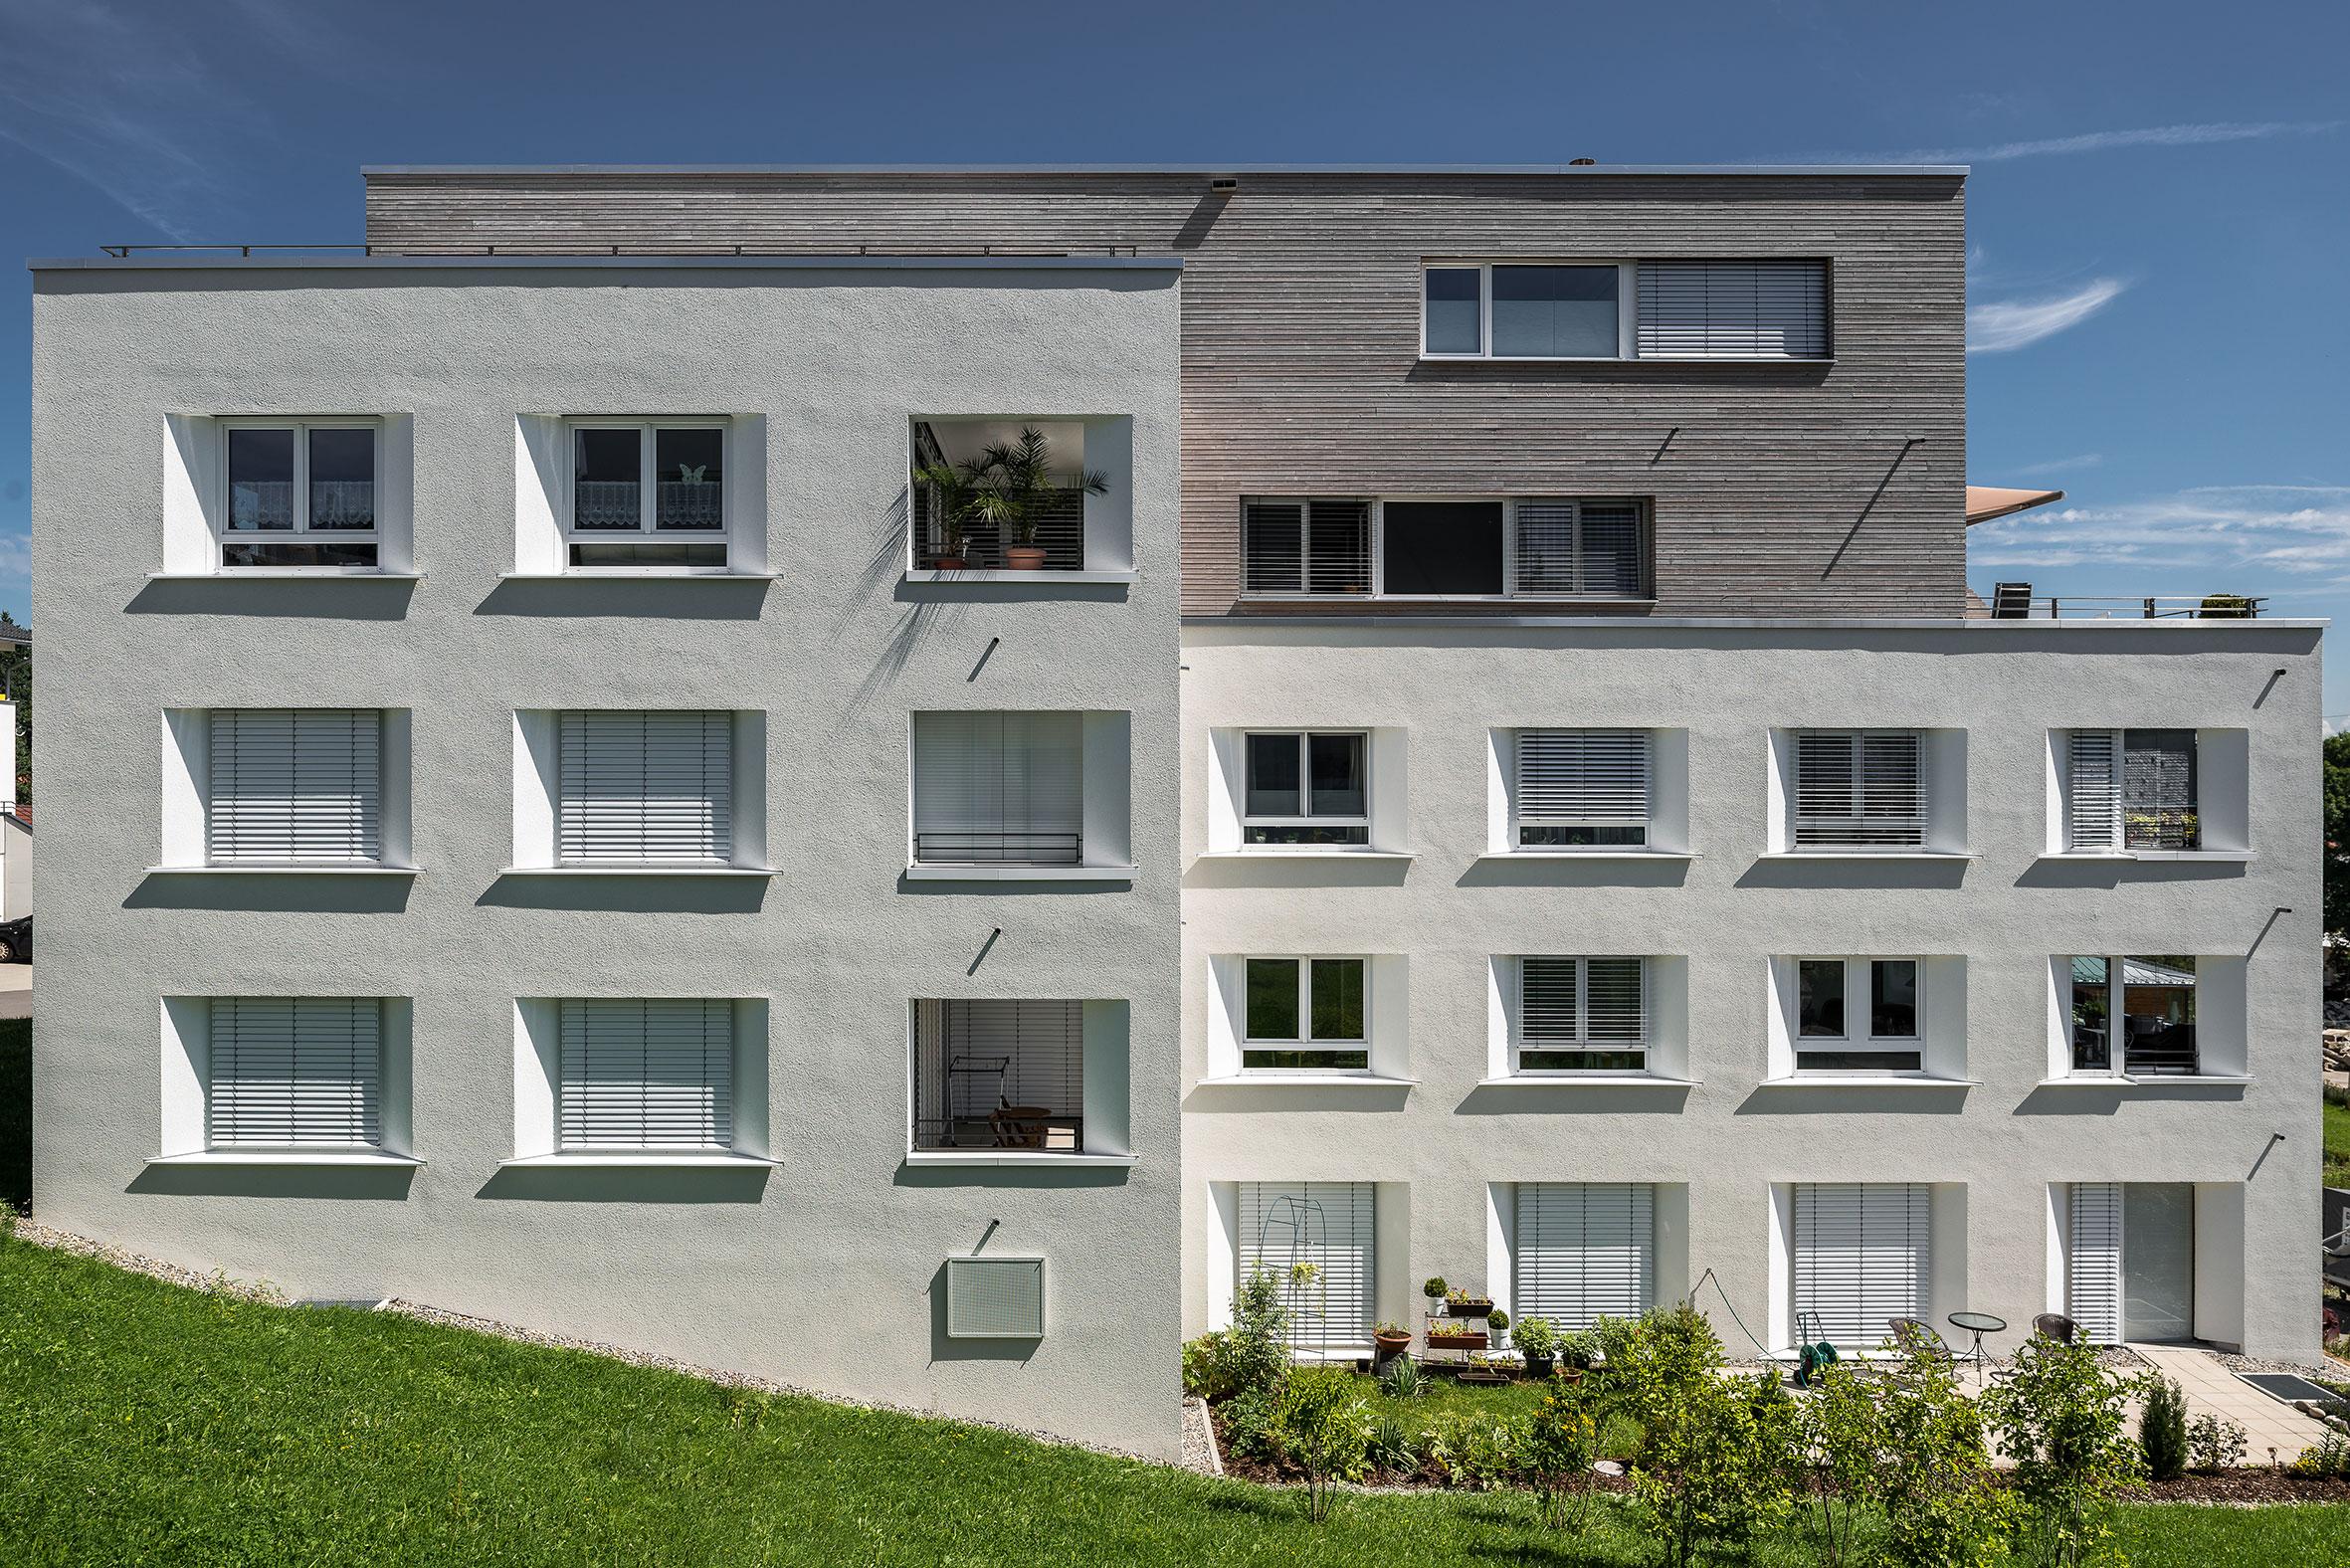 Architekturfotografie Wohnanlage Alpenpanorama Lindenberg. Foto: Gerd Schaller / BAUWERK PERSPEKTIVEN